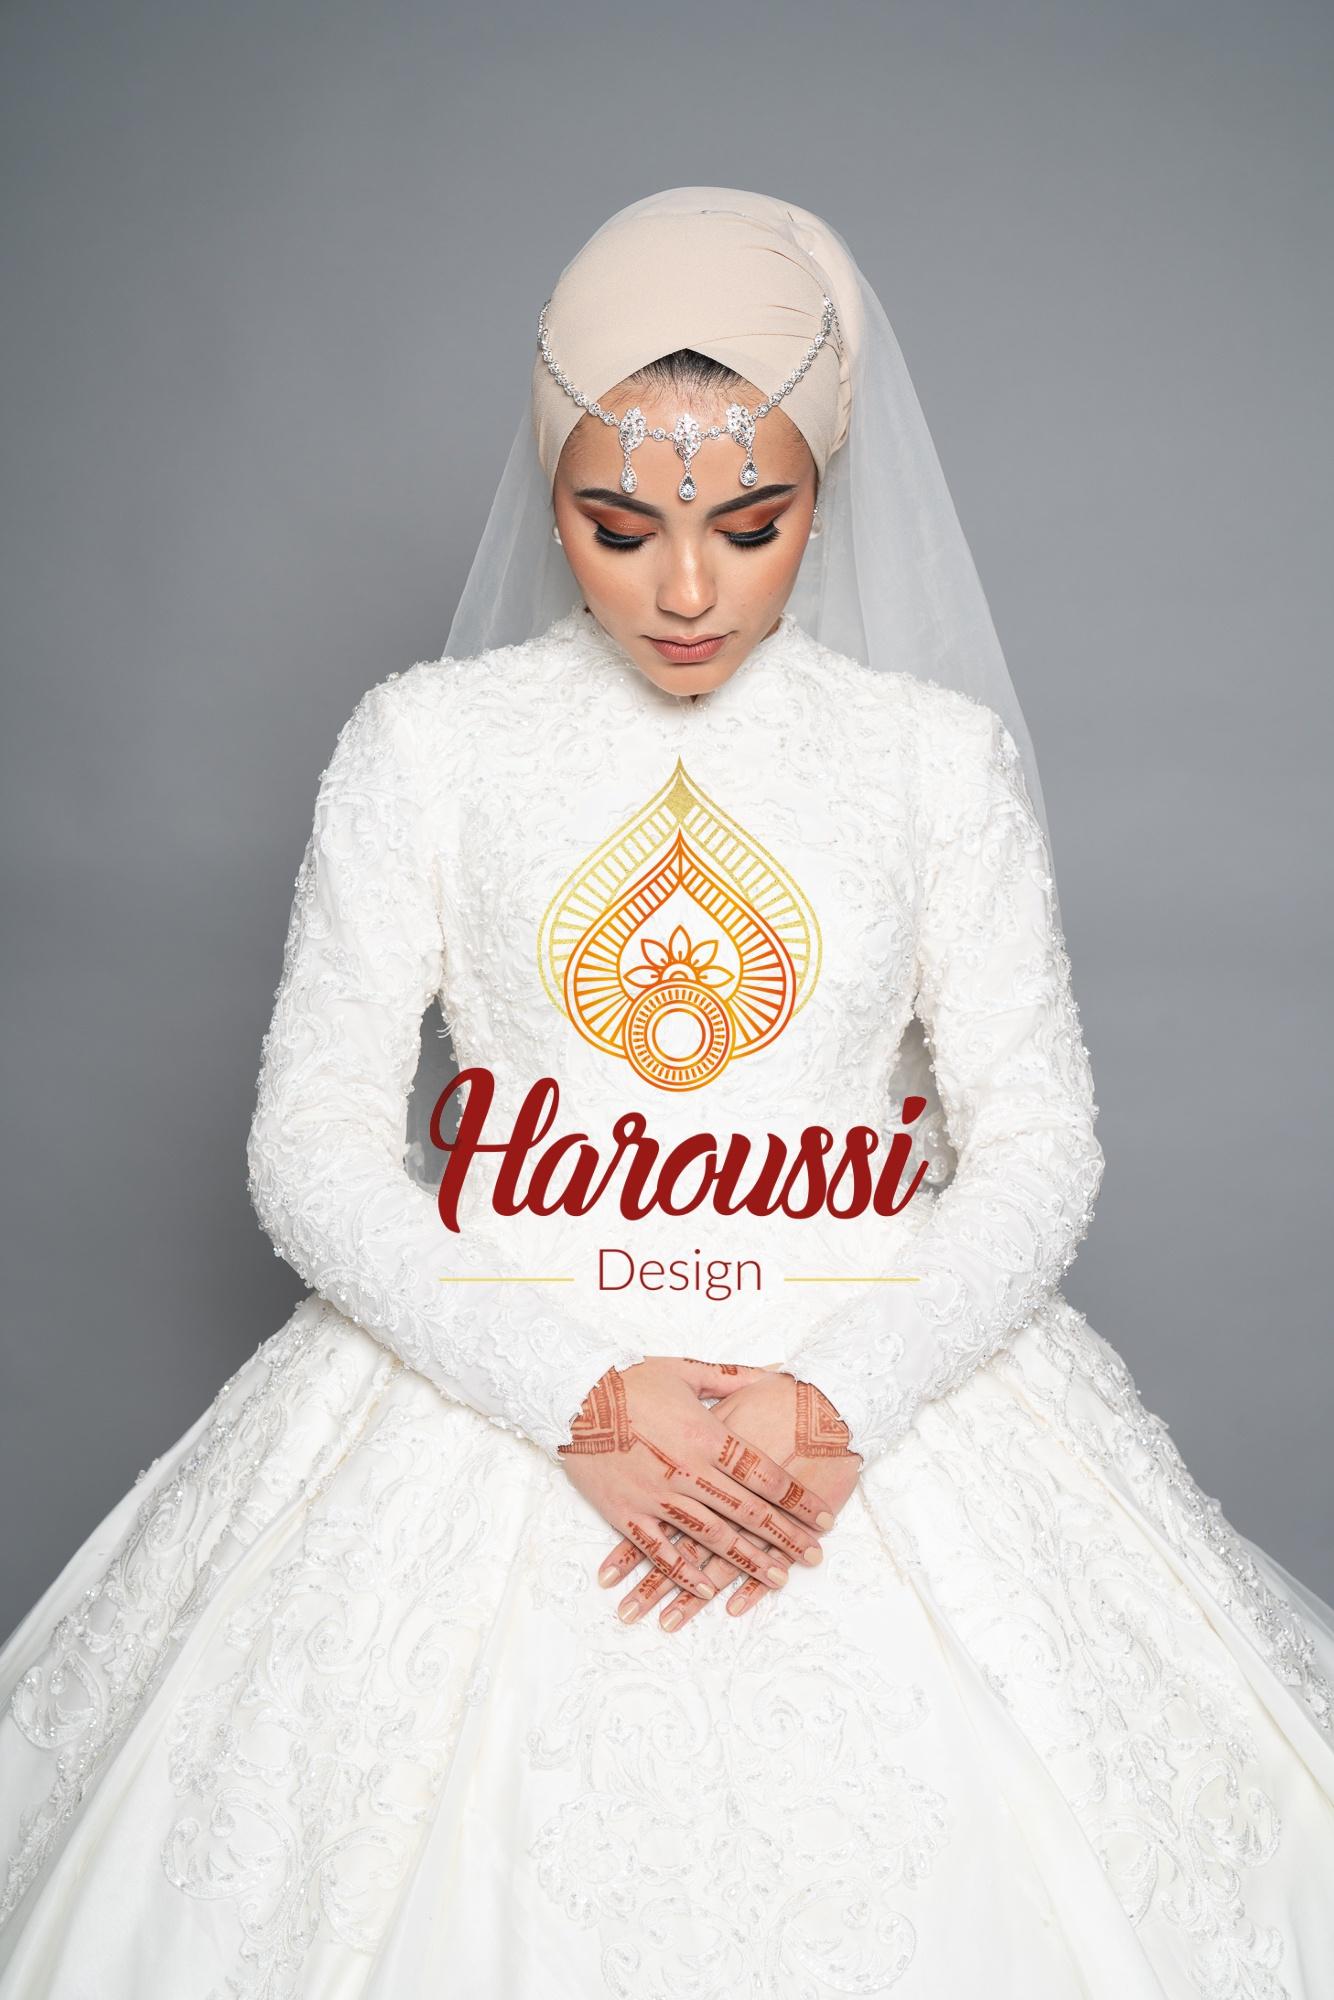 Haroussi Design